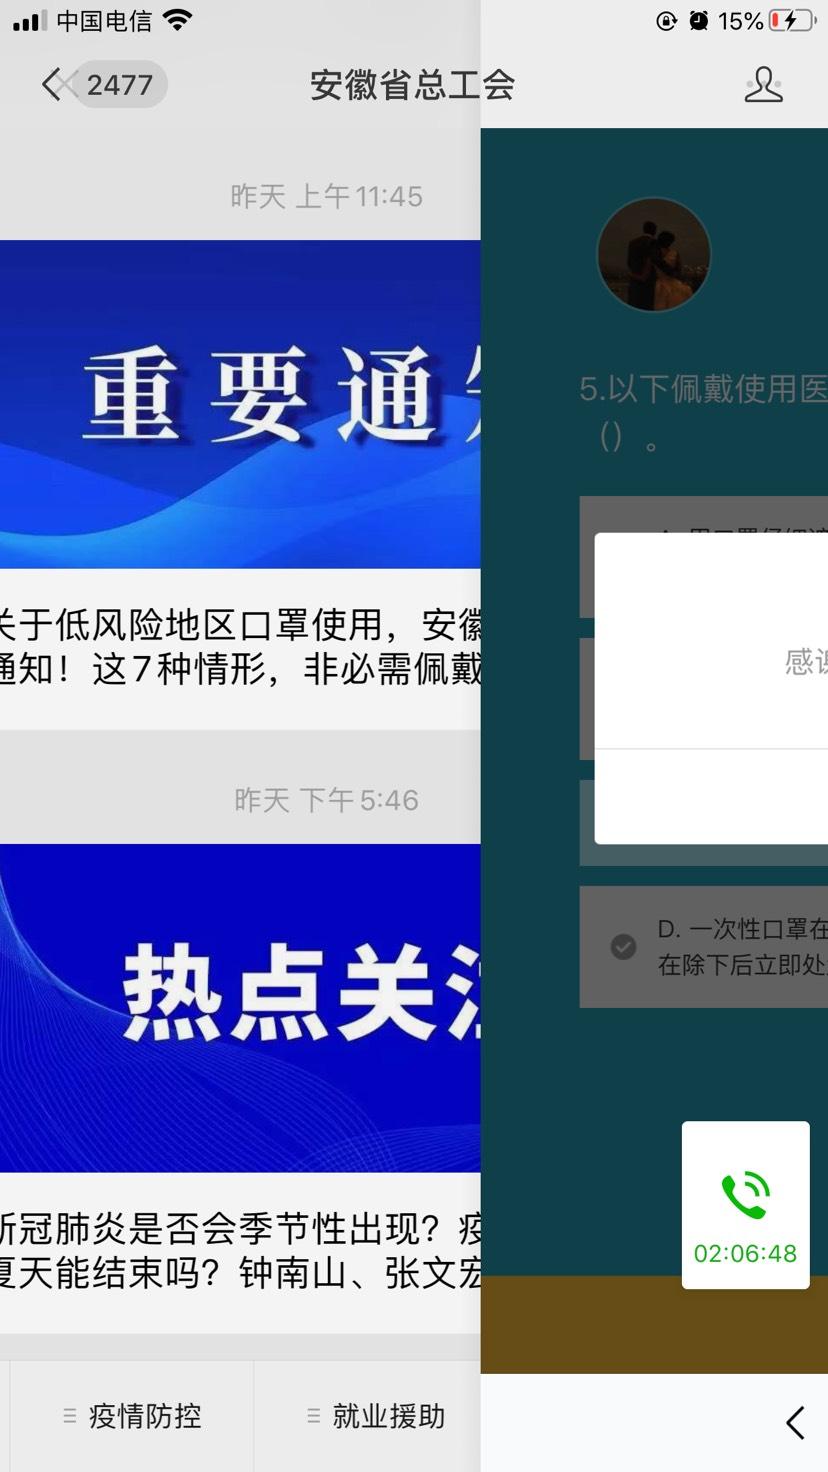 线报-「现金红包」安徽省总工会抽红包